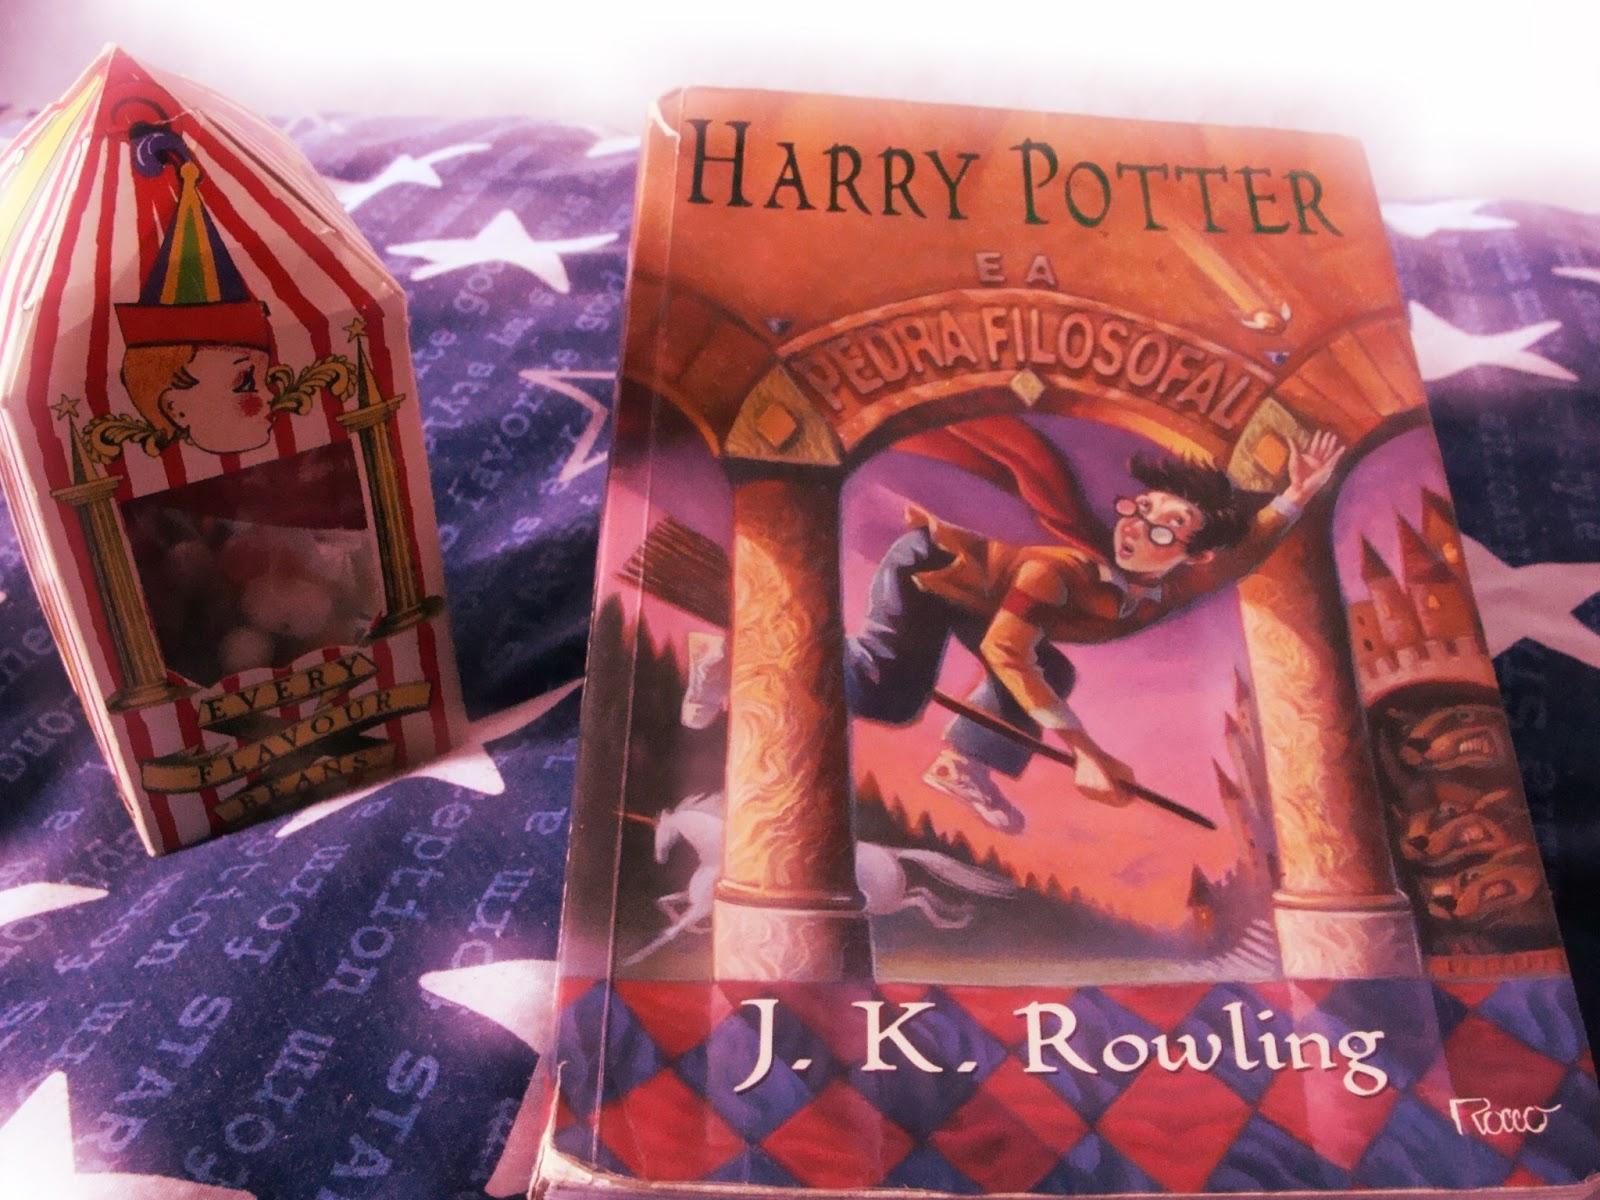 Harry Potter É A Pedra Filosofal inside chocolate box: relendo harry potter e a pedra filosofal